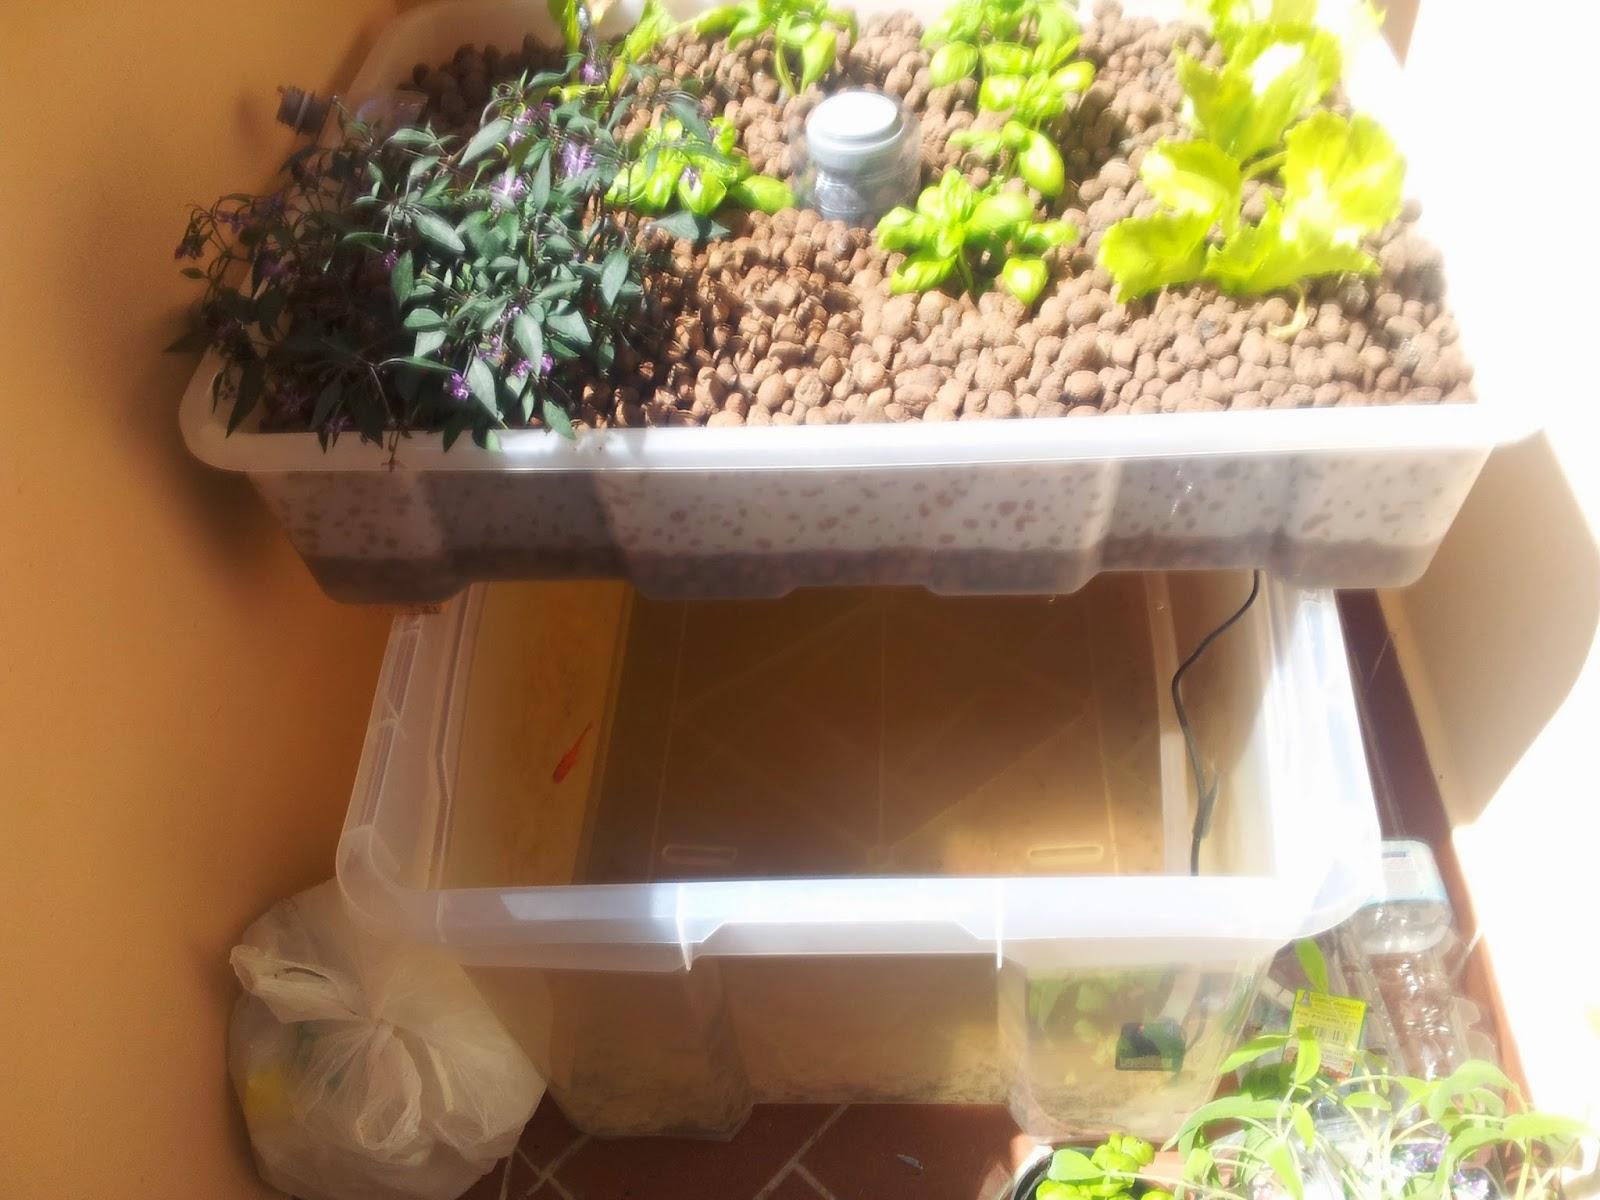 Acquaponico esperimento di acquaponica sul terrazzo for Carpa koi allevamento